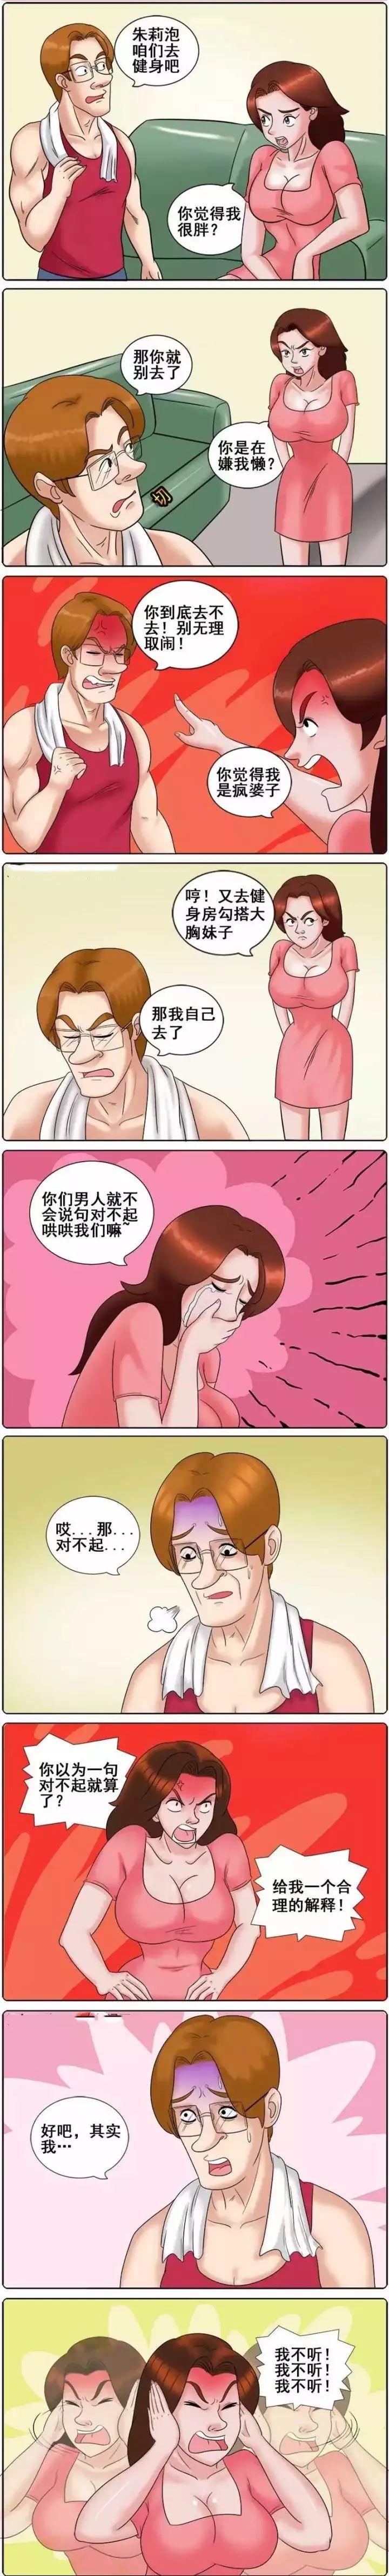 搞笑漫画:女人的心思